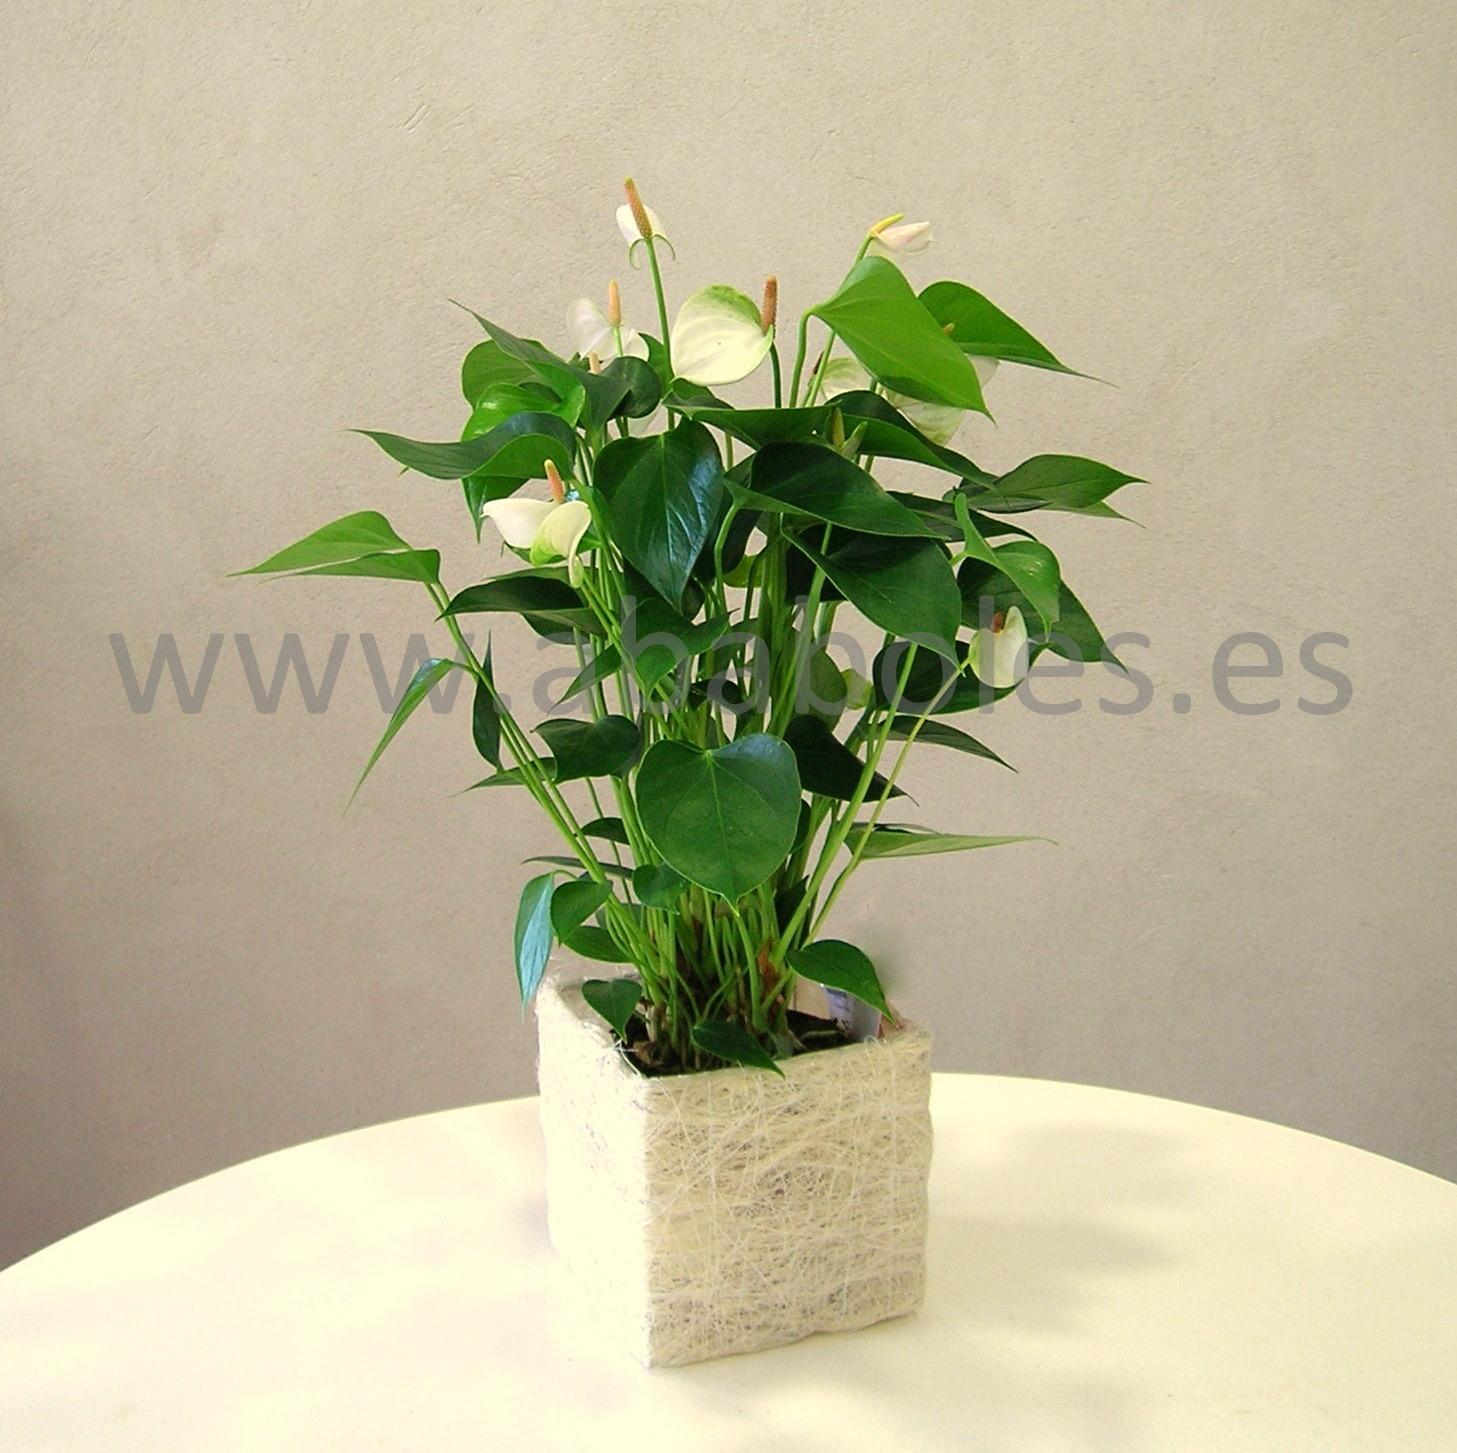 Planta de navidad cuidados great consejos para cultivar la planta de cactus de navidad with - Cuidados planta navidad ...